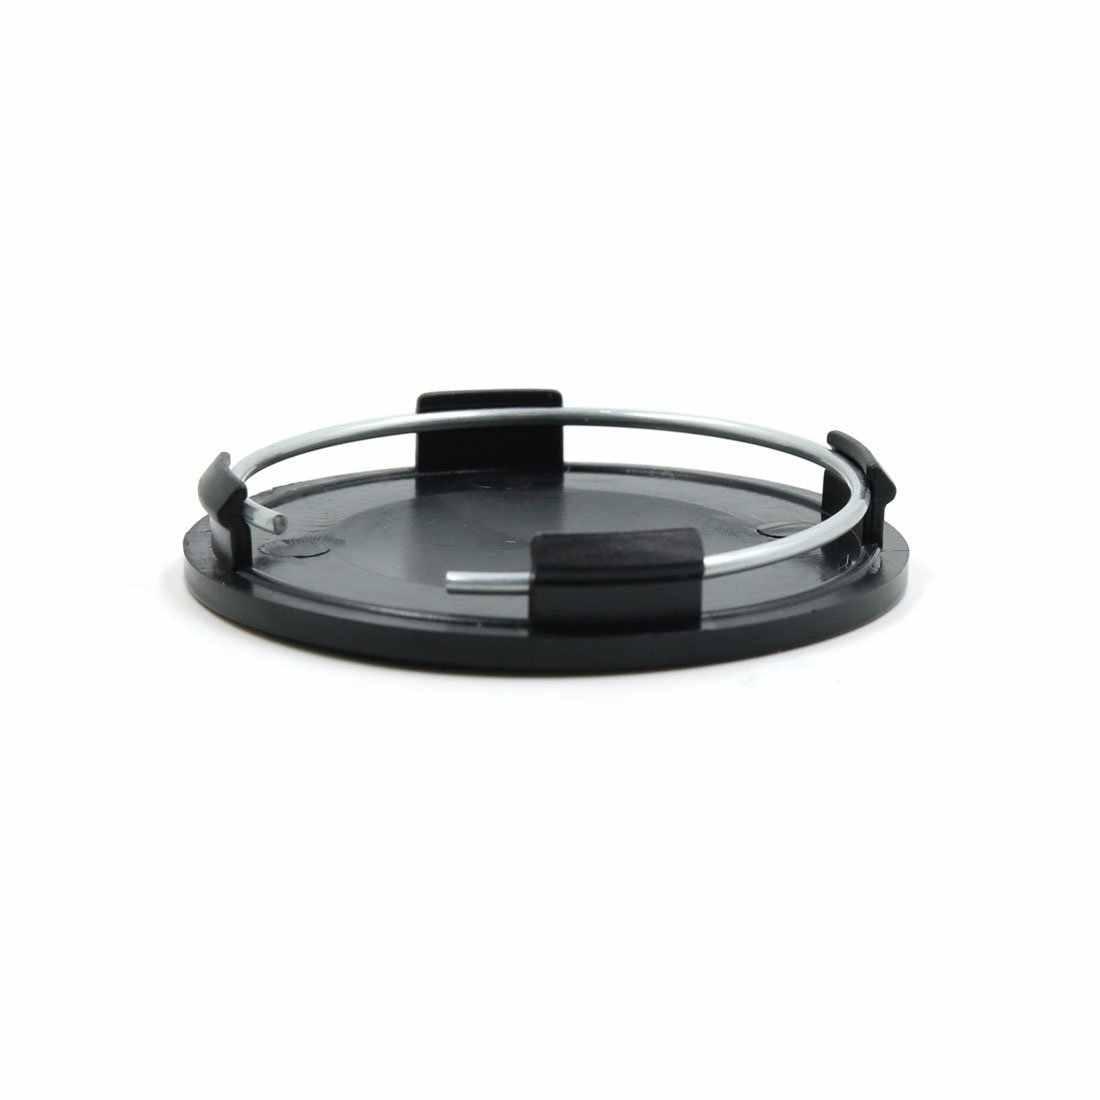 4 قطعة أسود 63 مللي متر قطر عجلة غطاء عجلة مركزي غطاء حماية للسيارات السيارات العالمي محور عجلات غطاء السفينة حرة